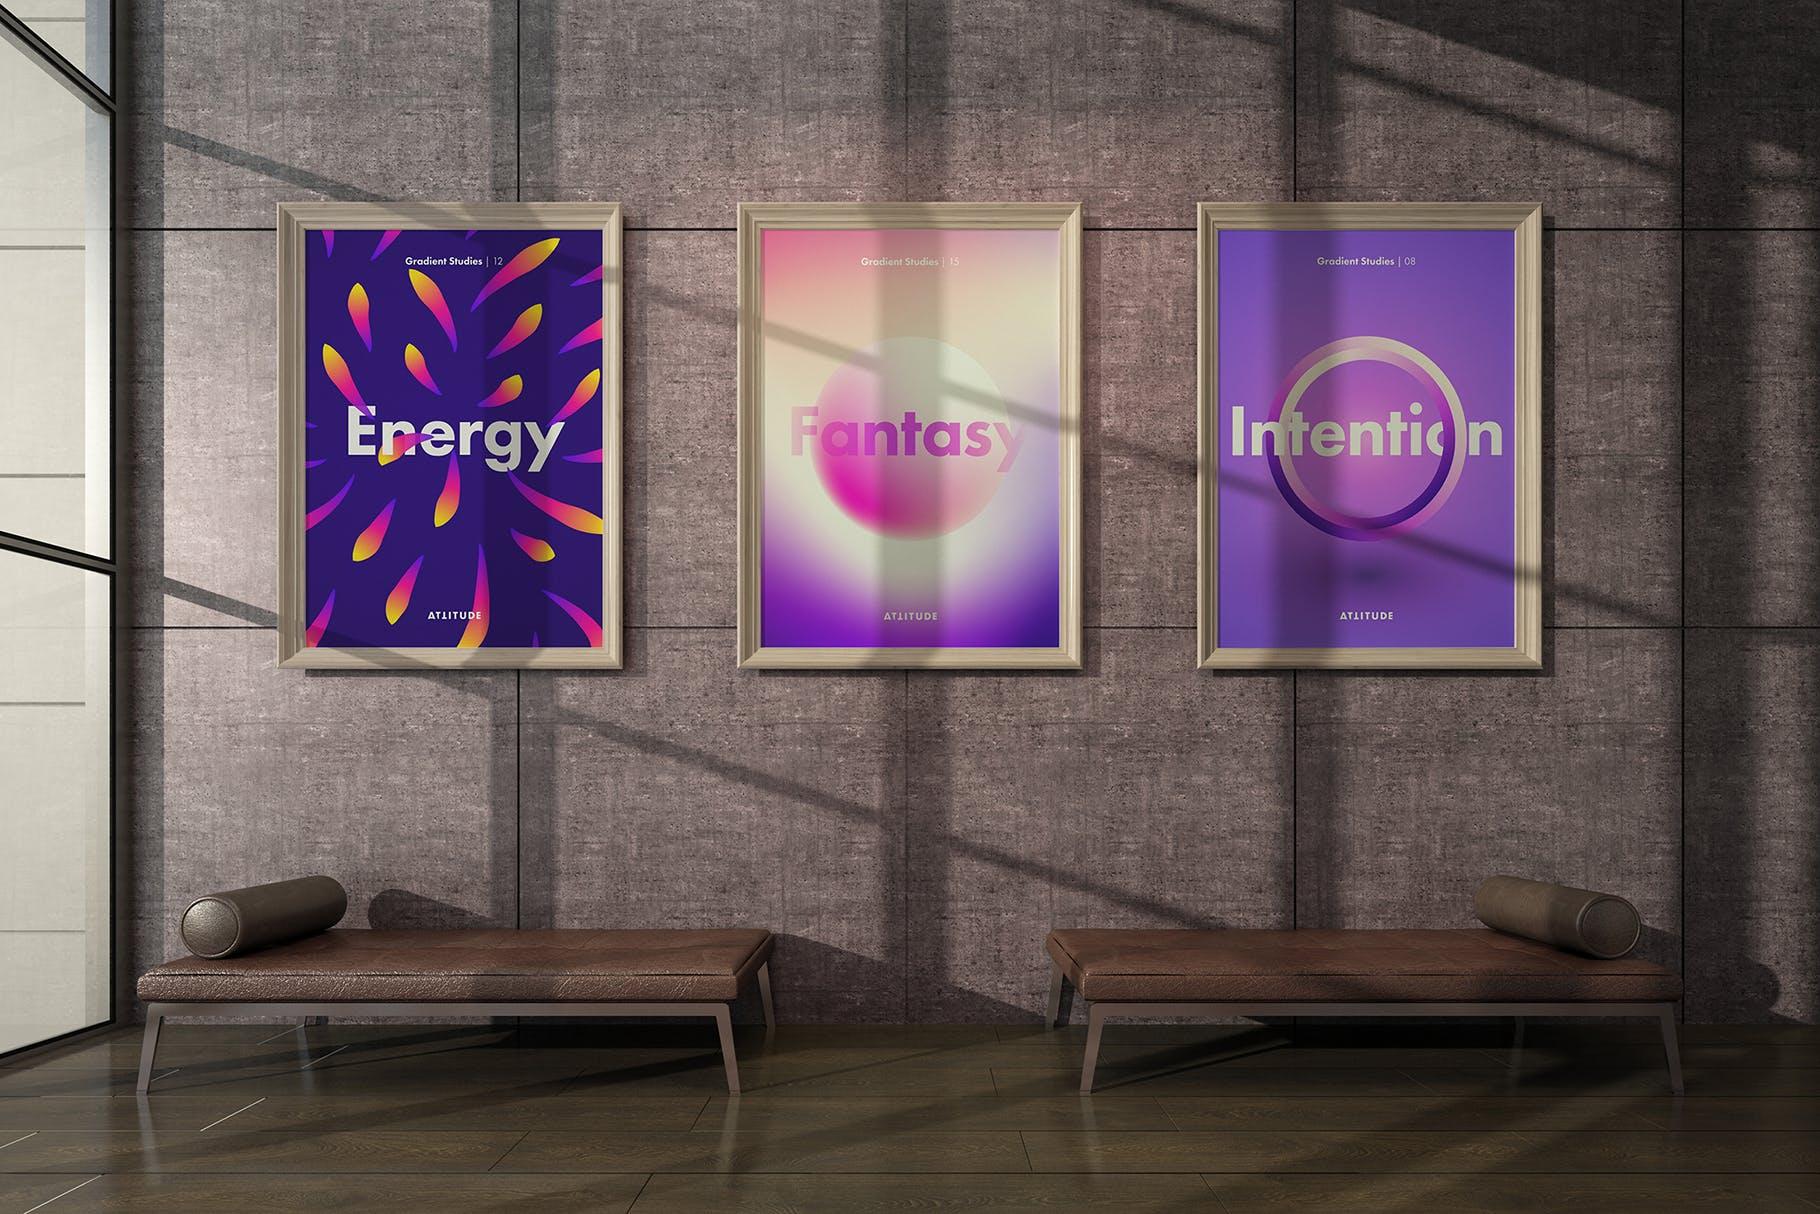 室内走廊相片艺术品海报样机模板 Gallery Mockup 3插图(1)